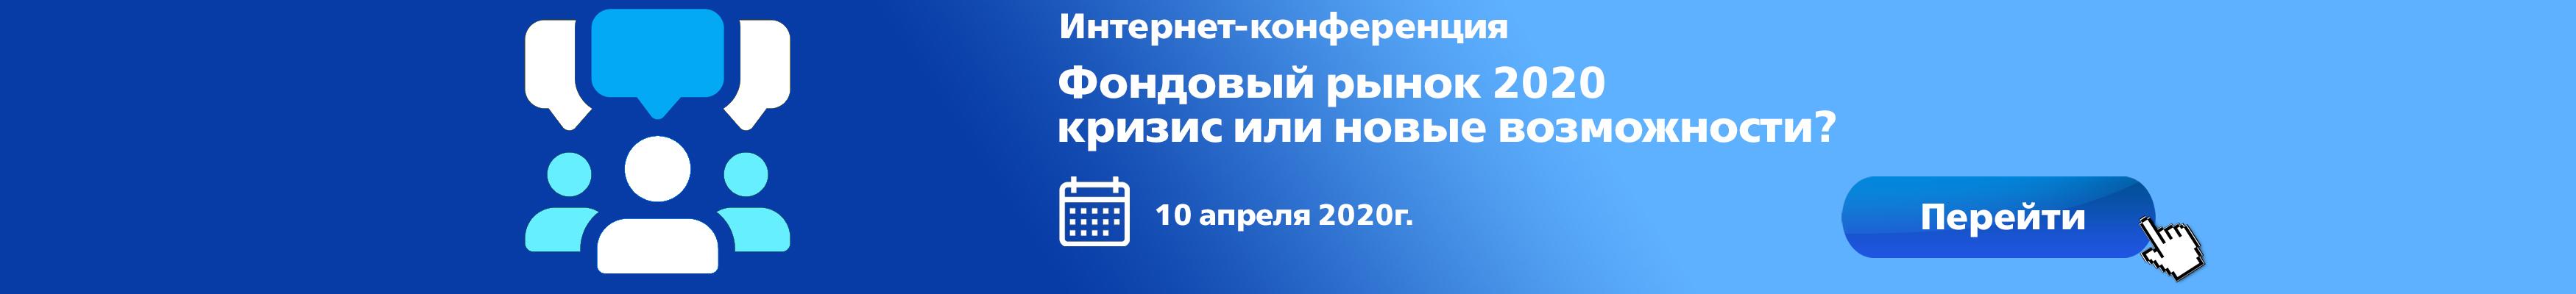 Фондовый рынок 2020 – кризис или новые возможности?